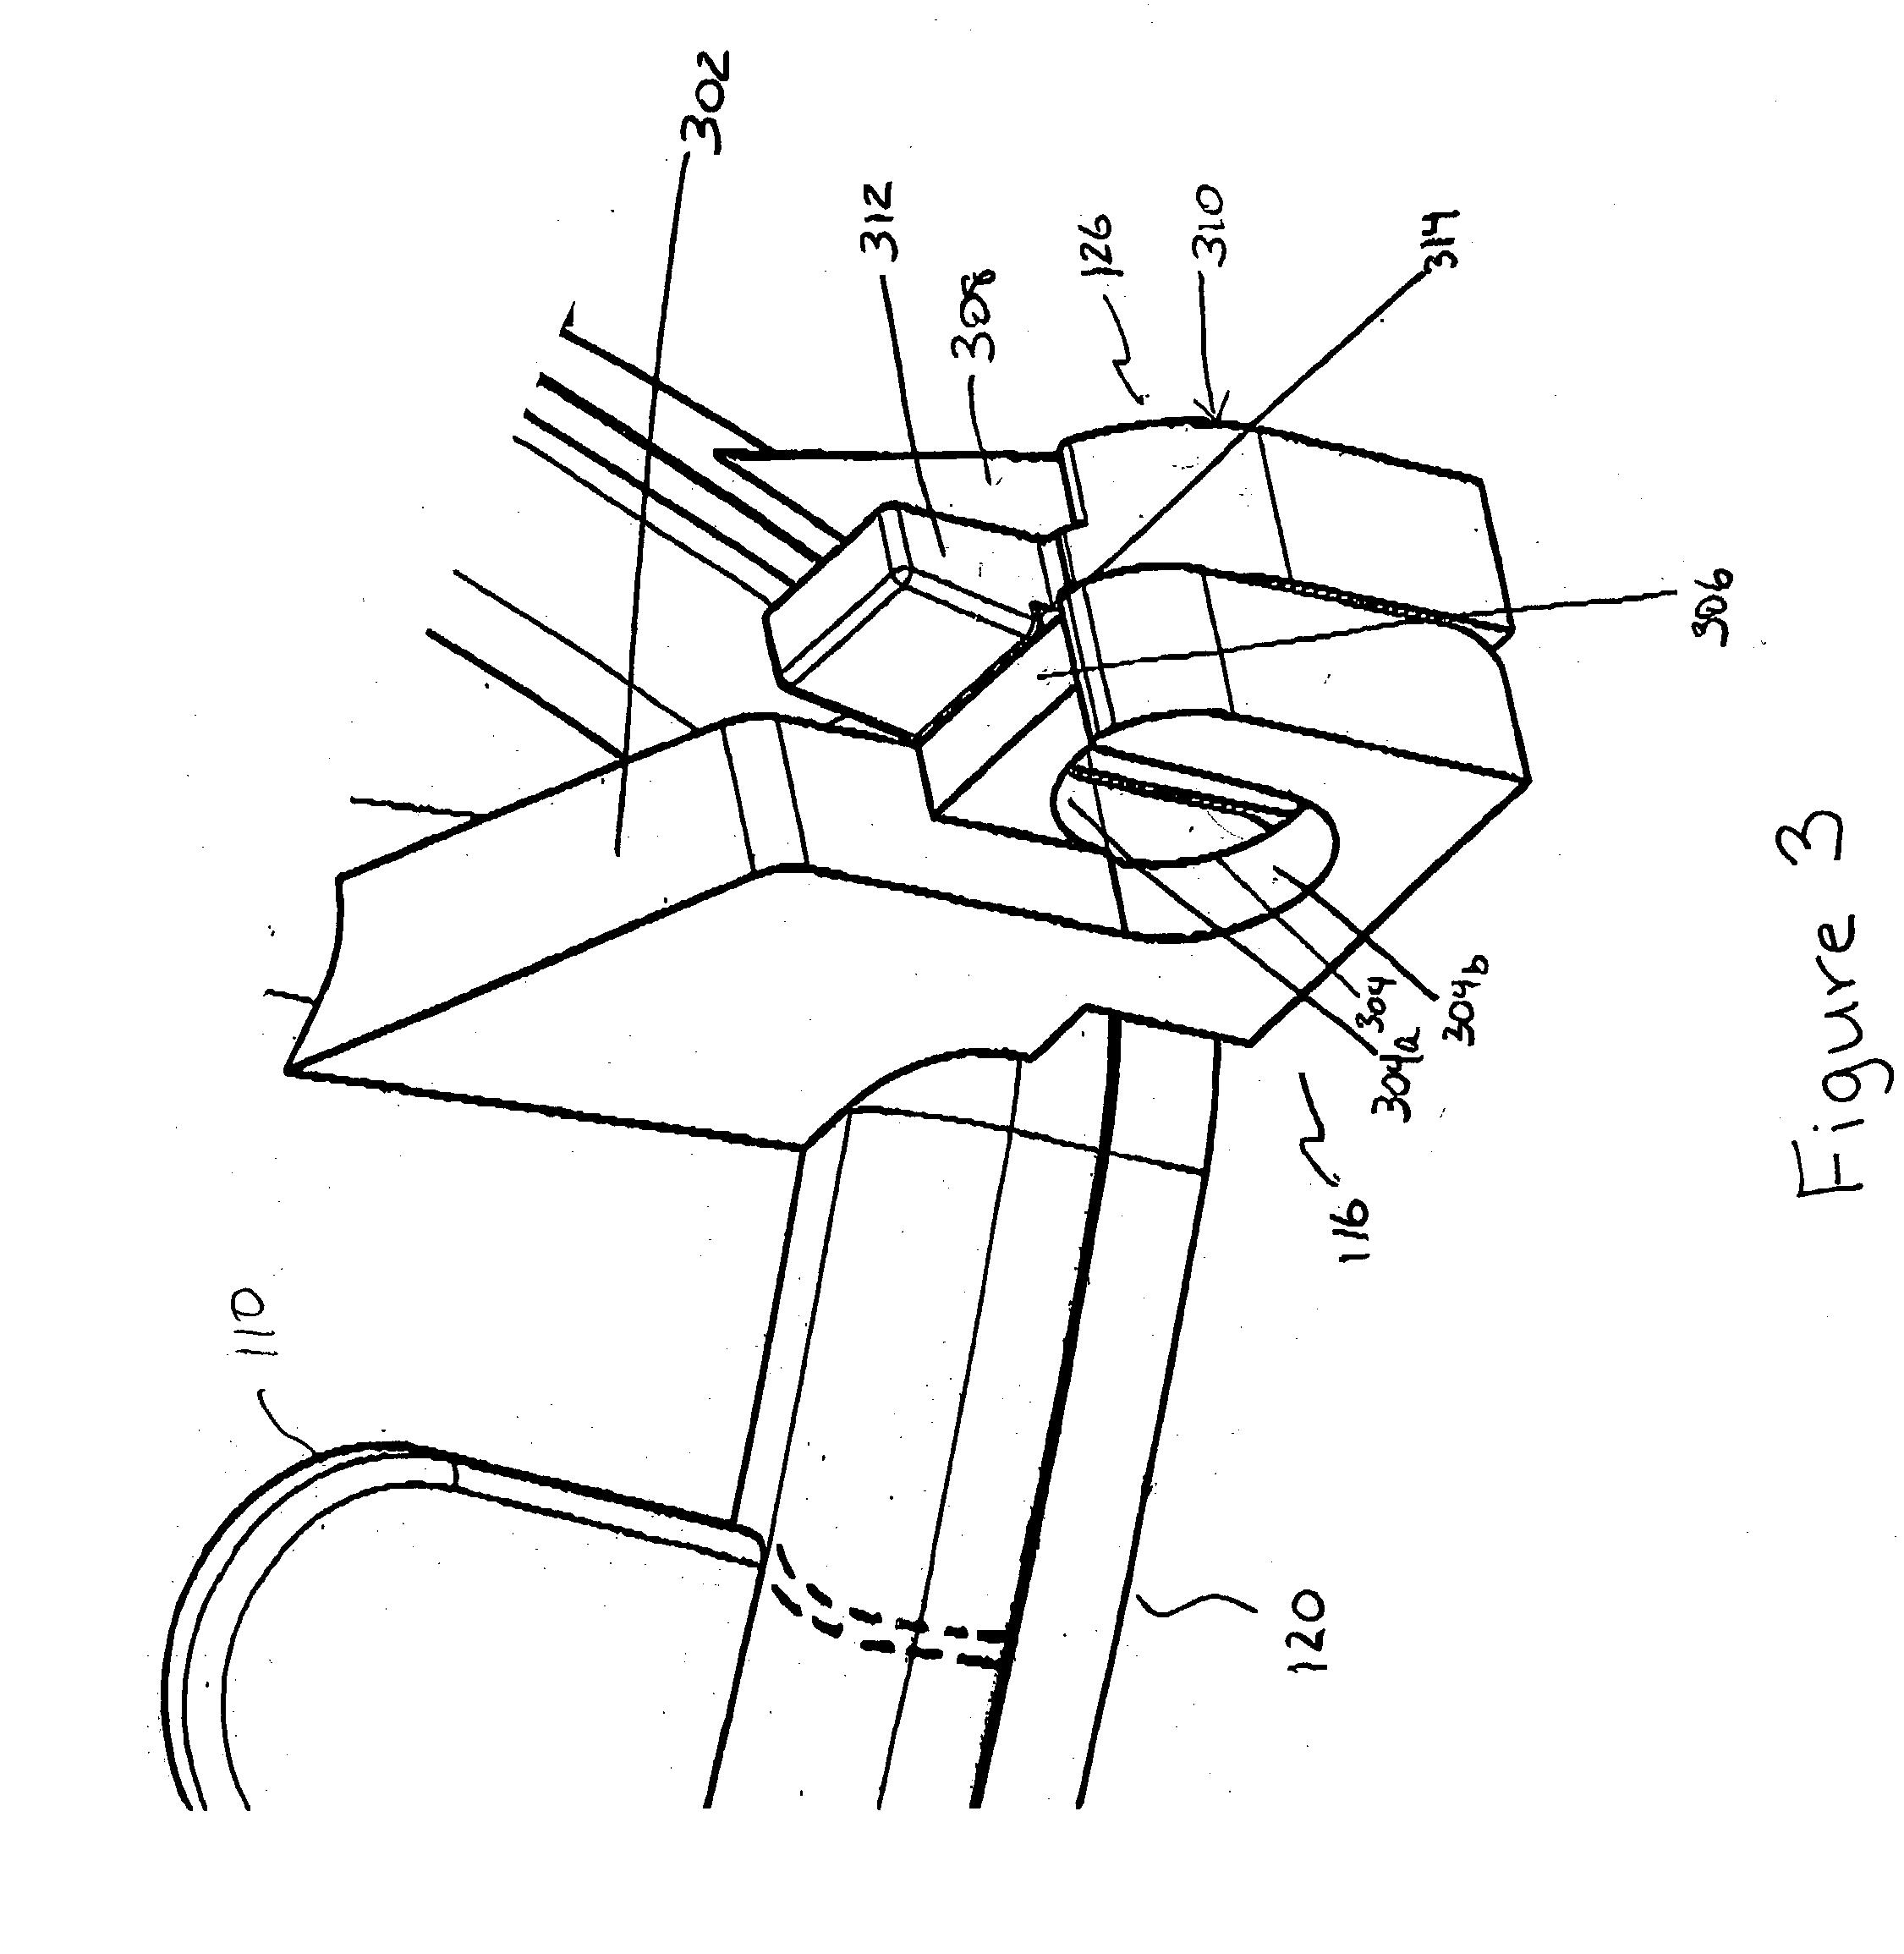 patent us20040144556